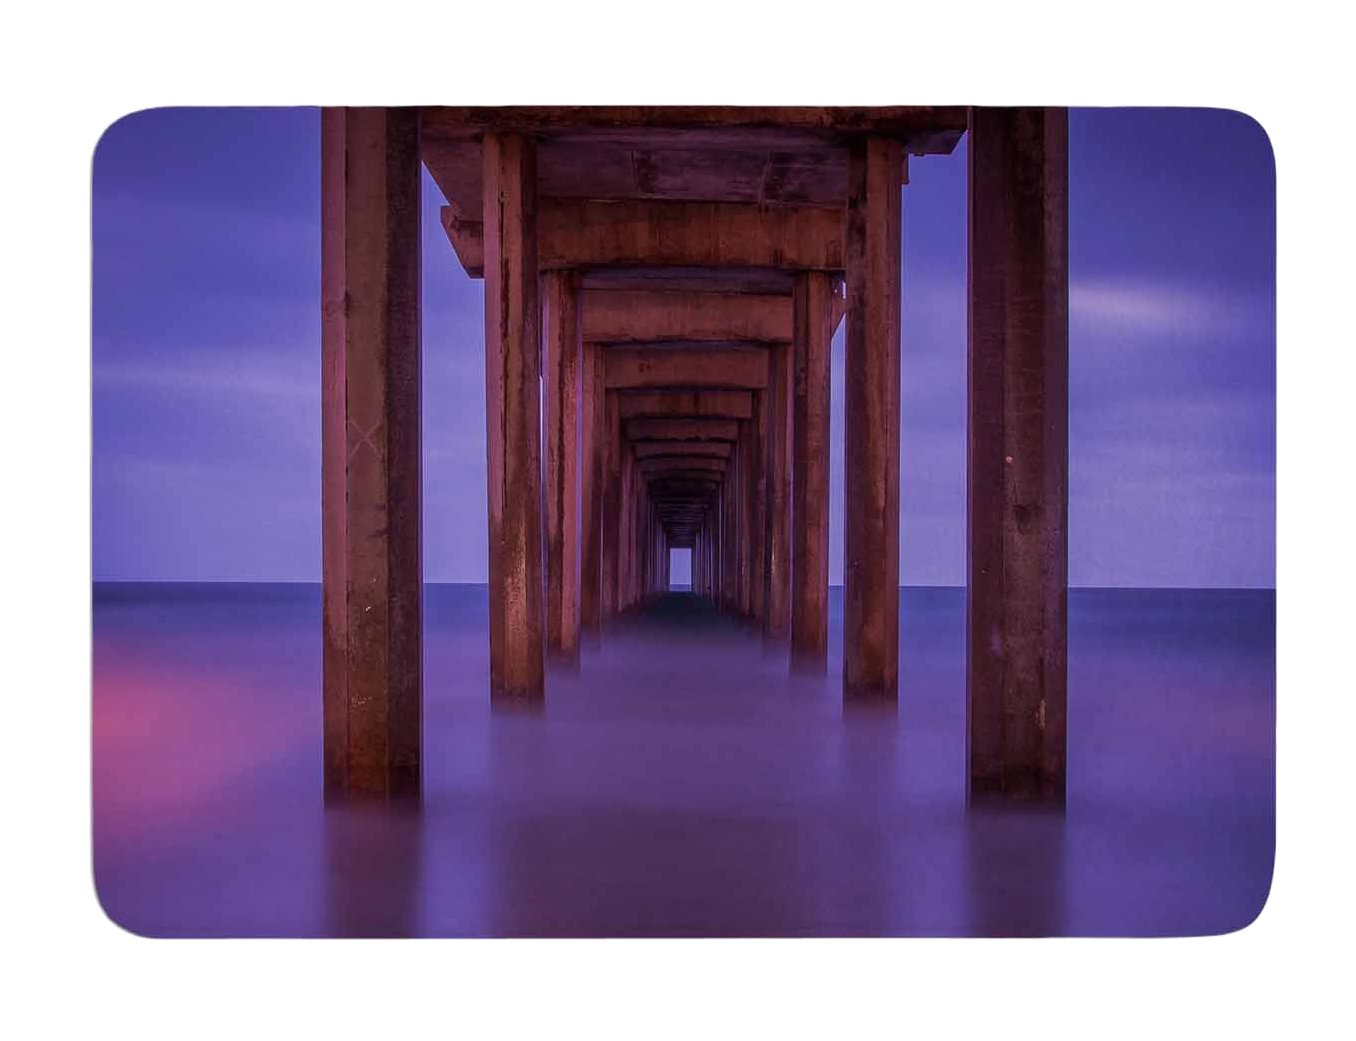 24 X 36 24 by 36-Inch Kess InHouse Juan Paolo Scripps Pier Pink Purple Memory Foam Bath Mat